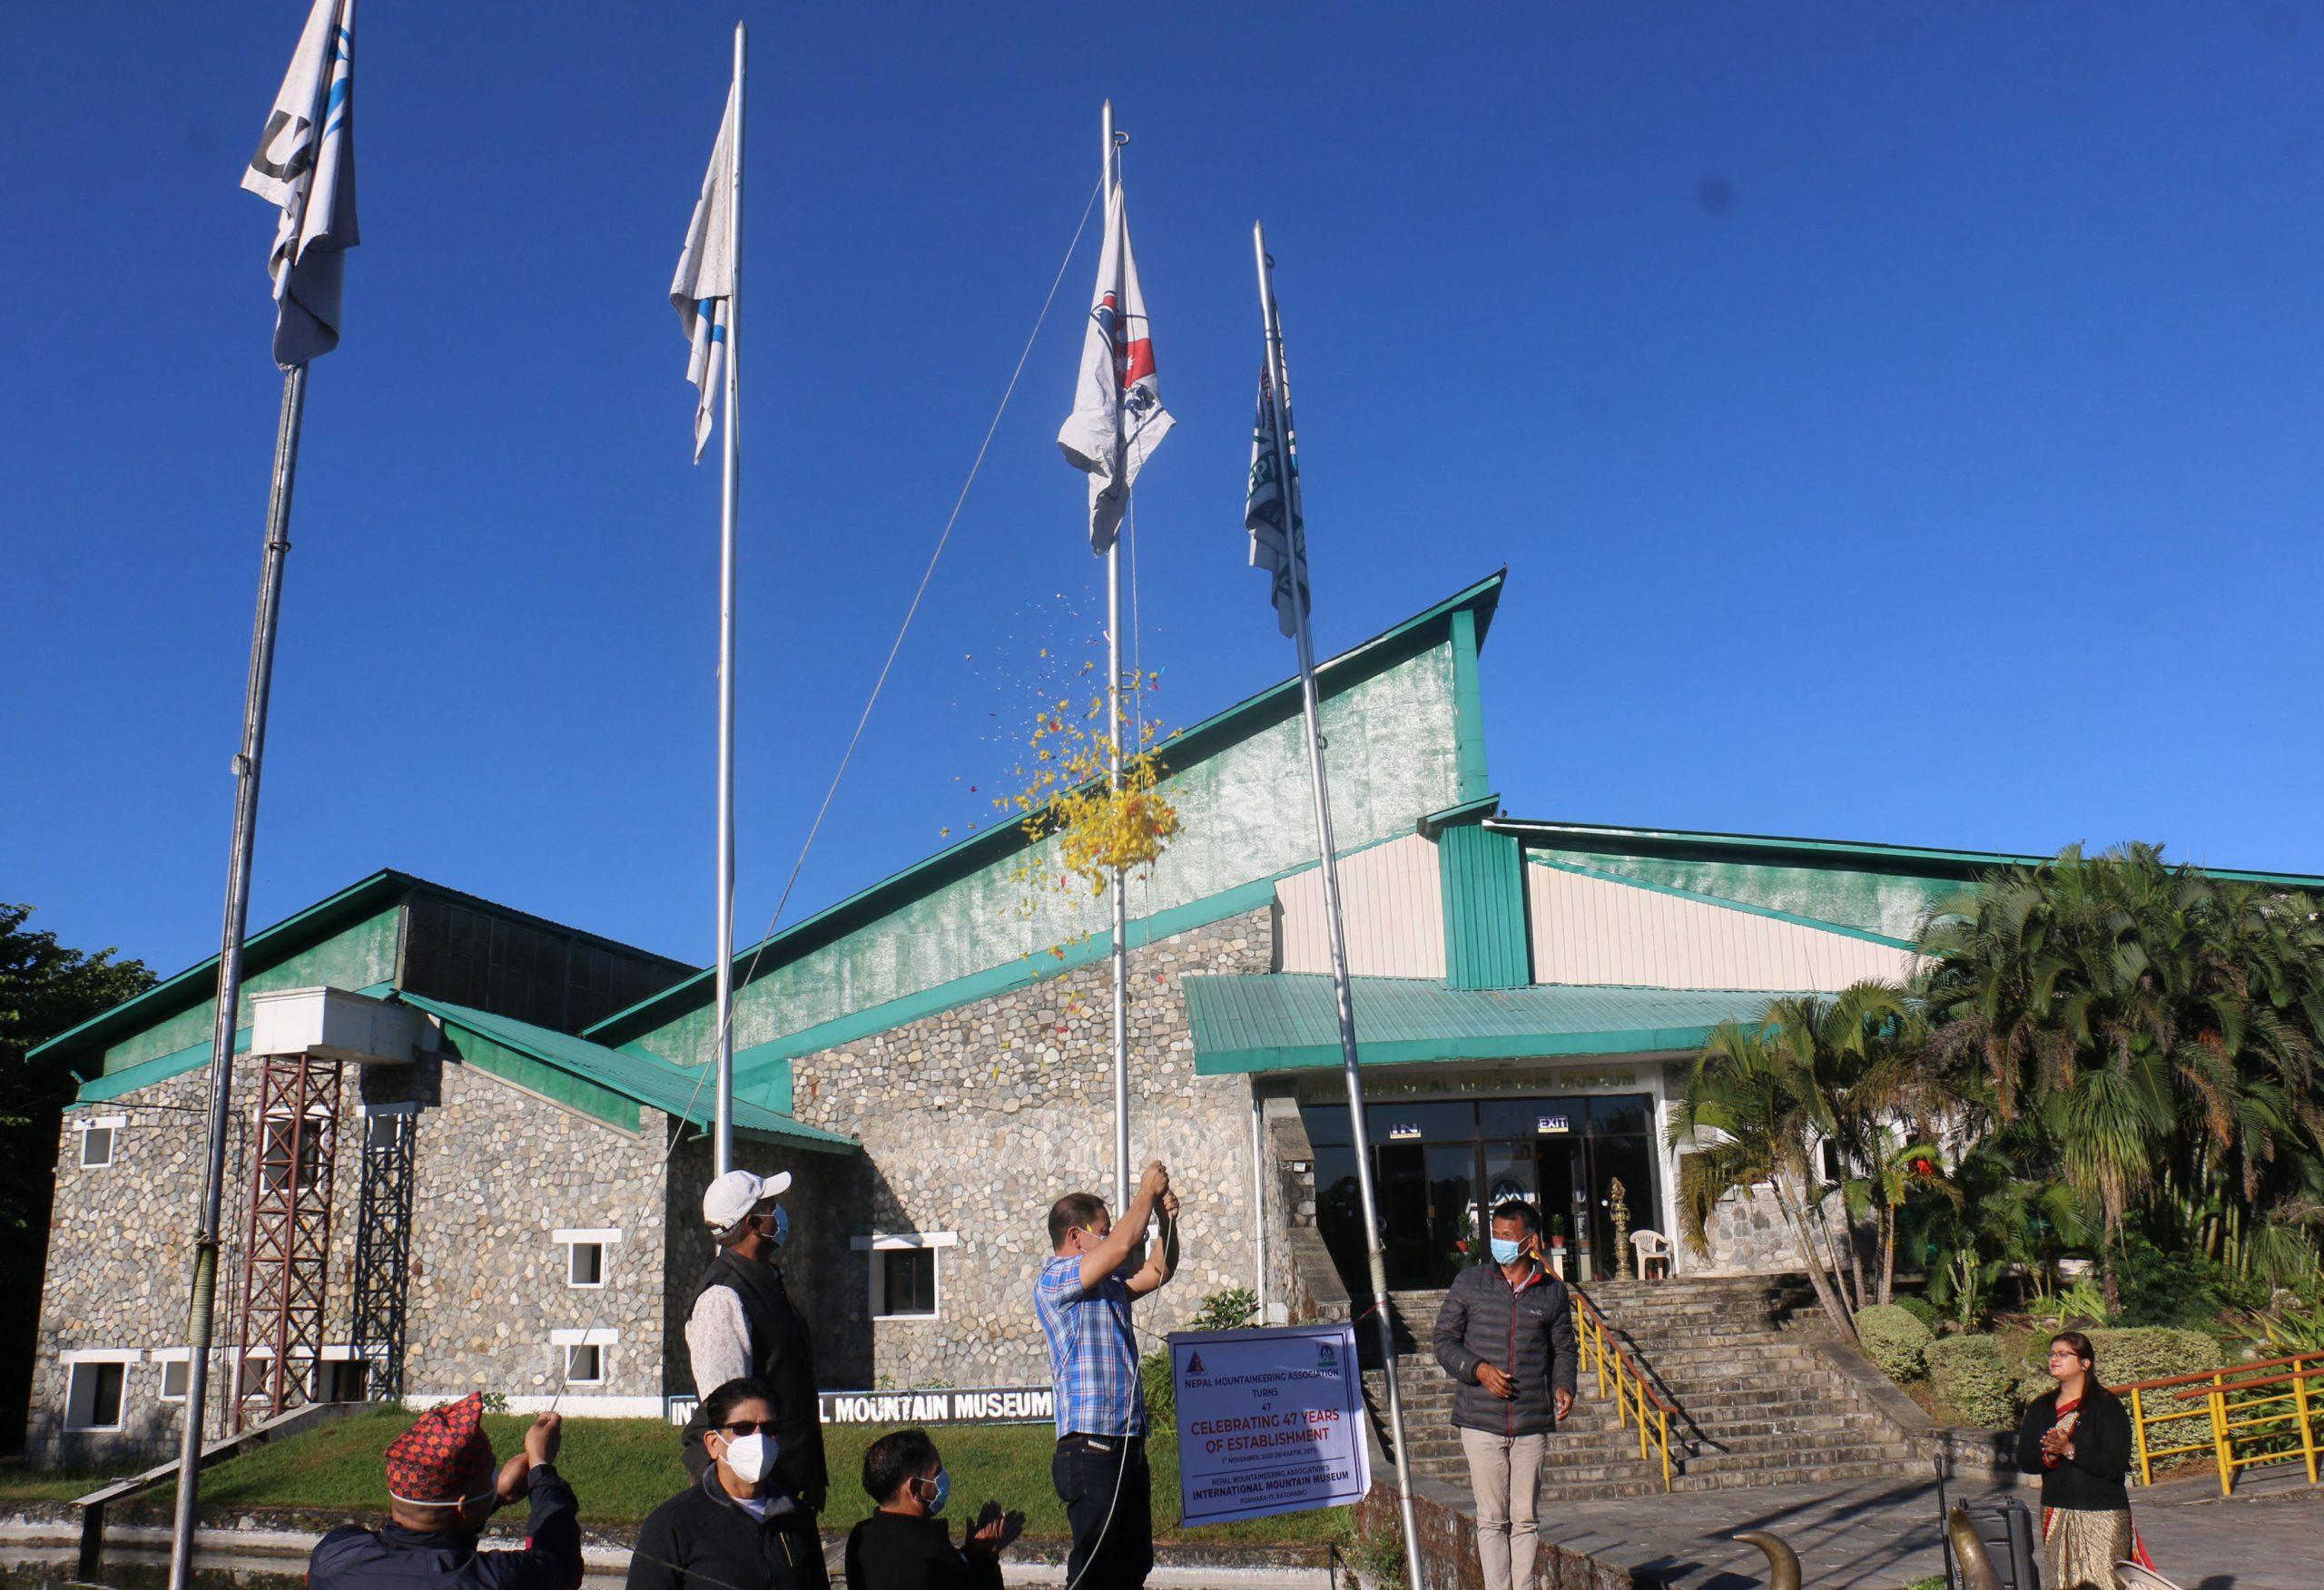 पर्यटन प्रवद्र्धनमा पर्वतीय सङ्ग्रहालयको महत्वपूर्ण भूमिका